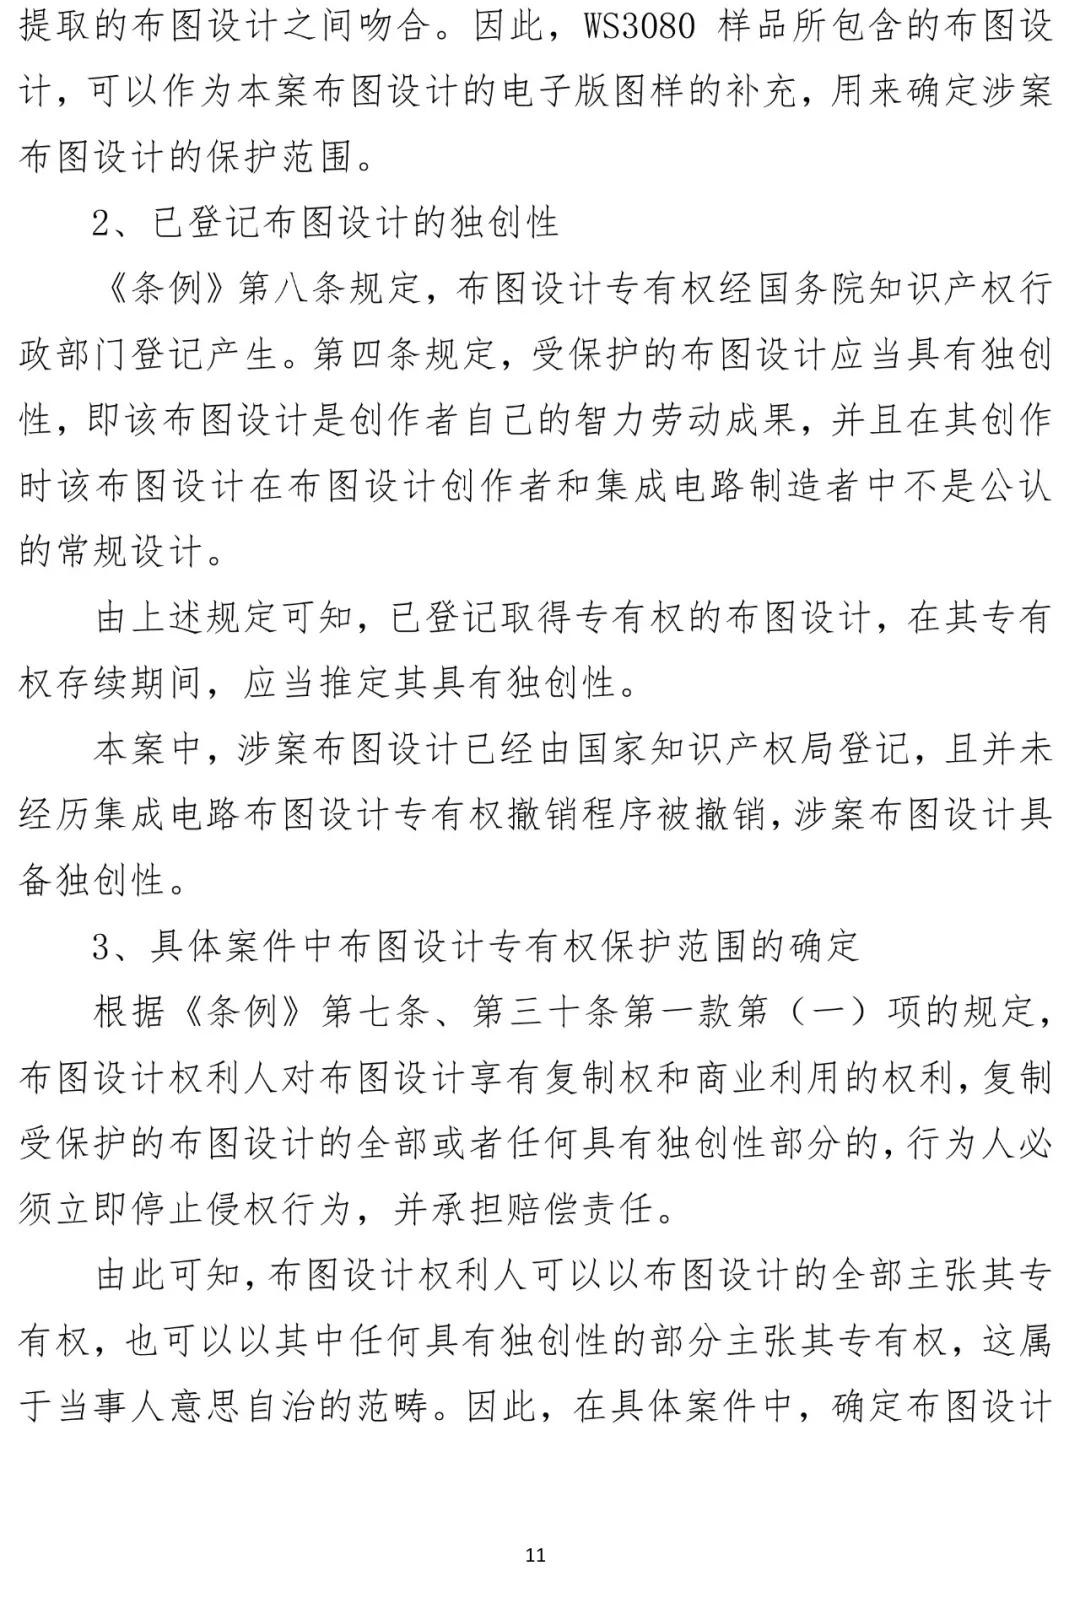 国知局顺利办结首起集成电路布图设计侵权案(附决定书